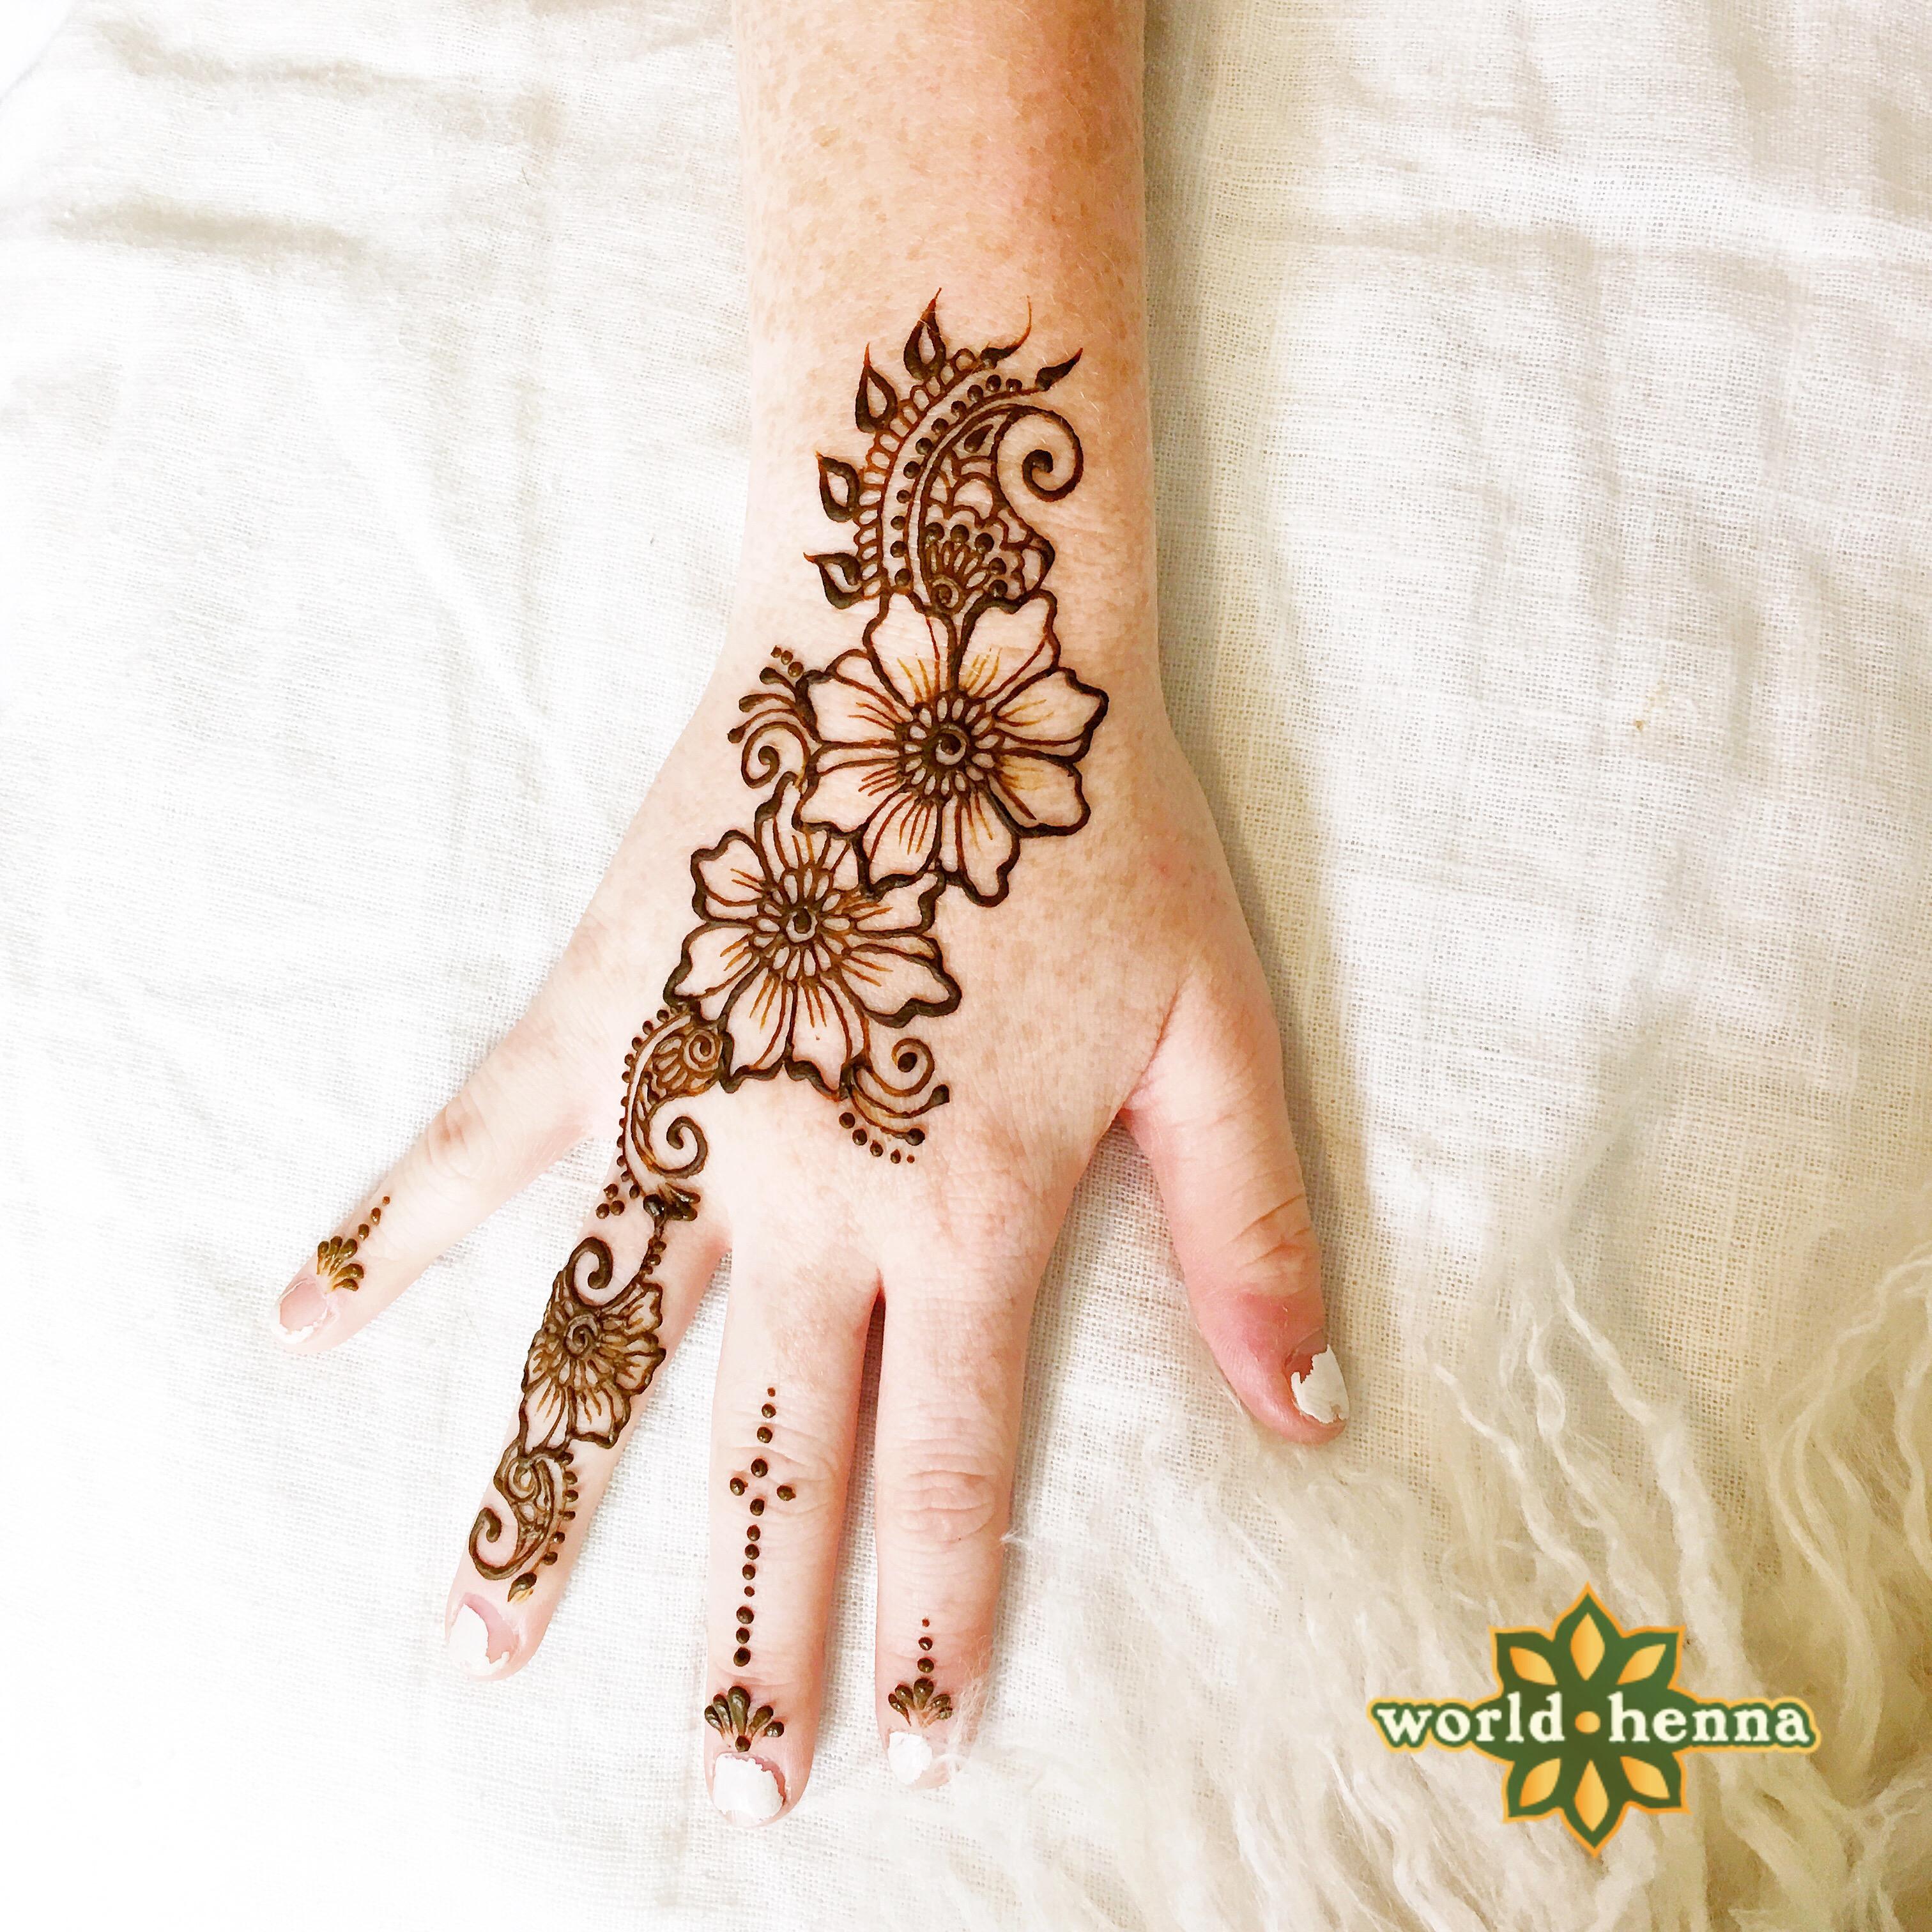 Henna Ink: Best Henna Tattoo Studio In Orlando Florida: 407-900-8141